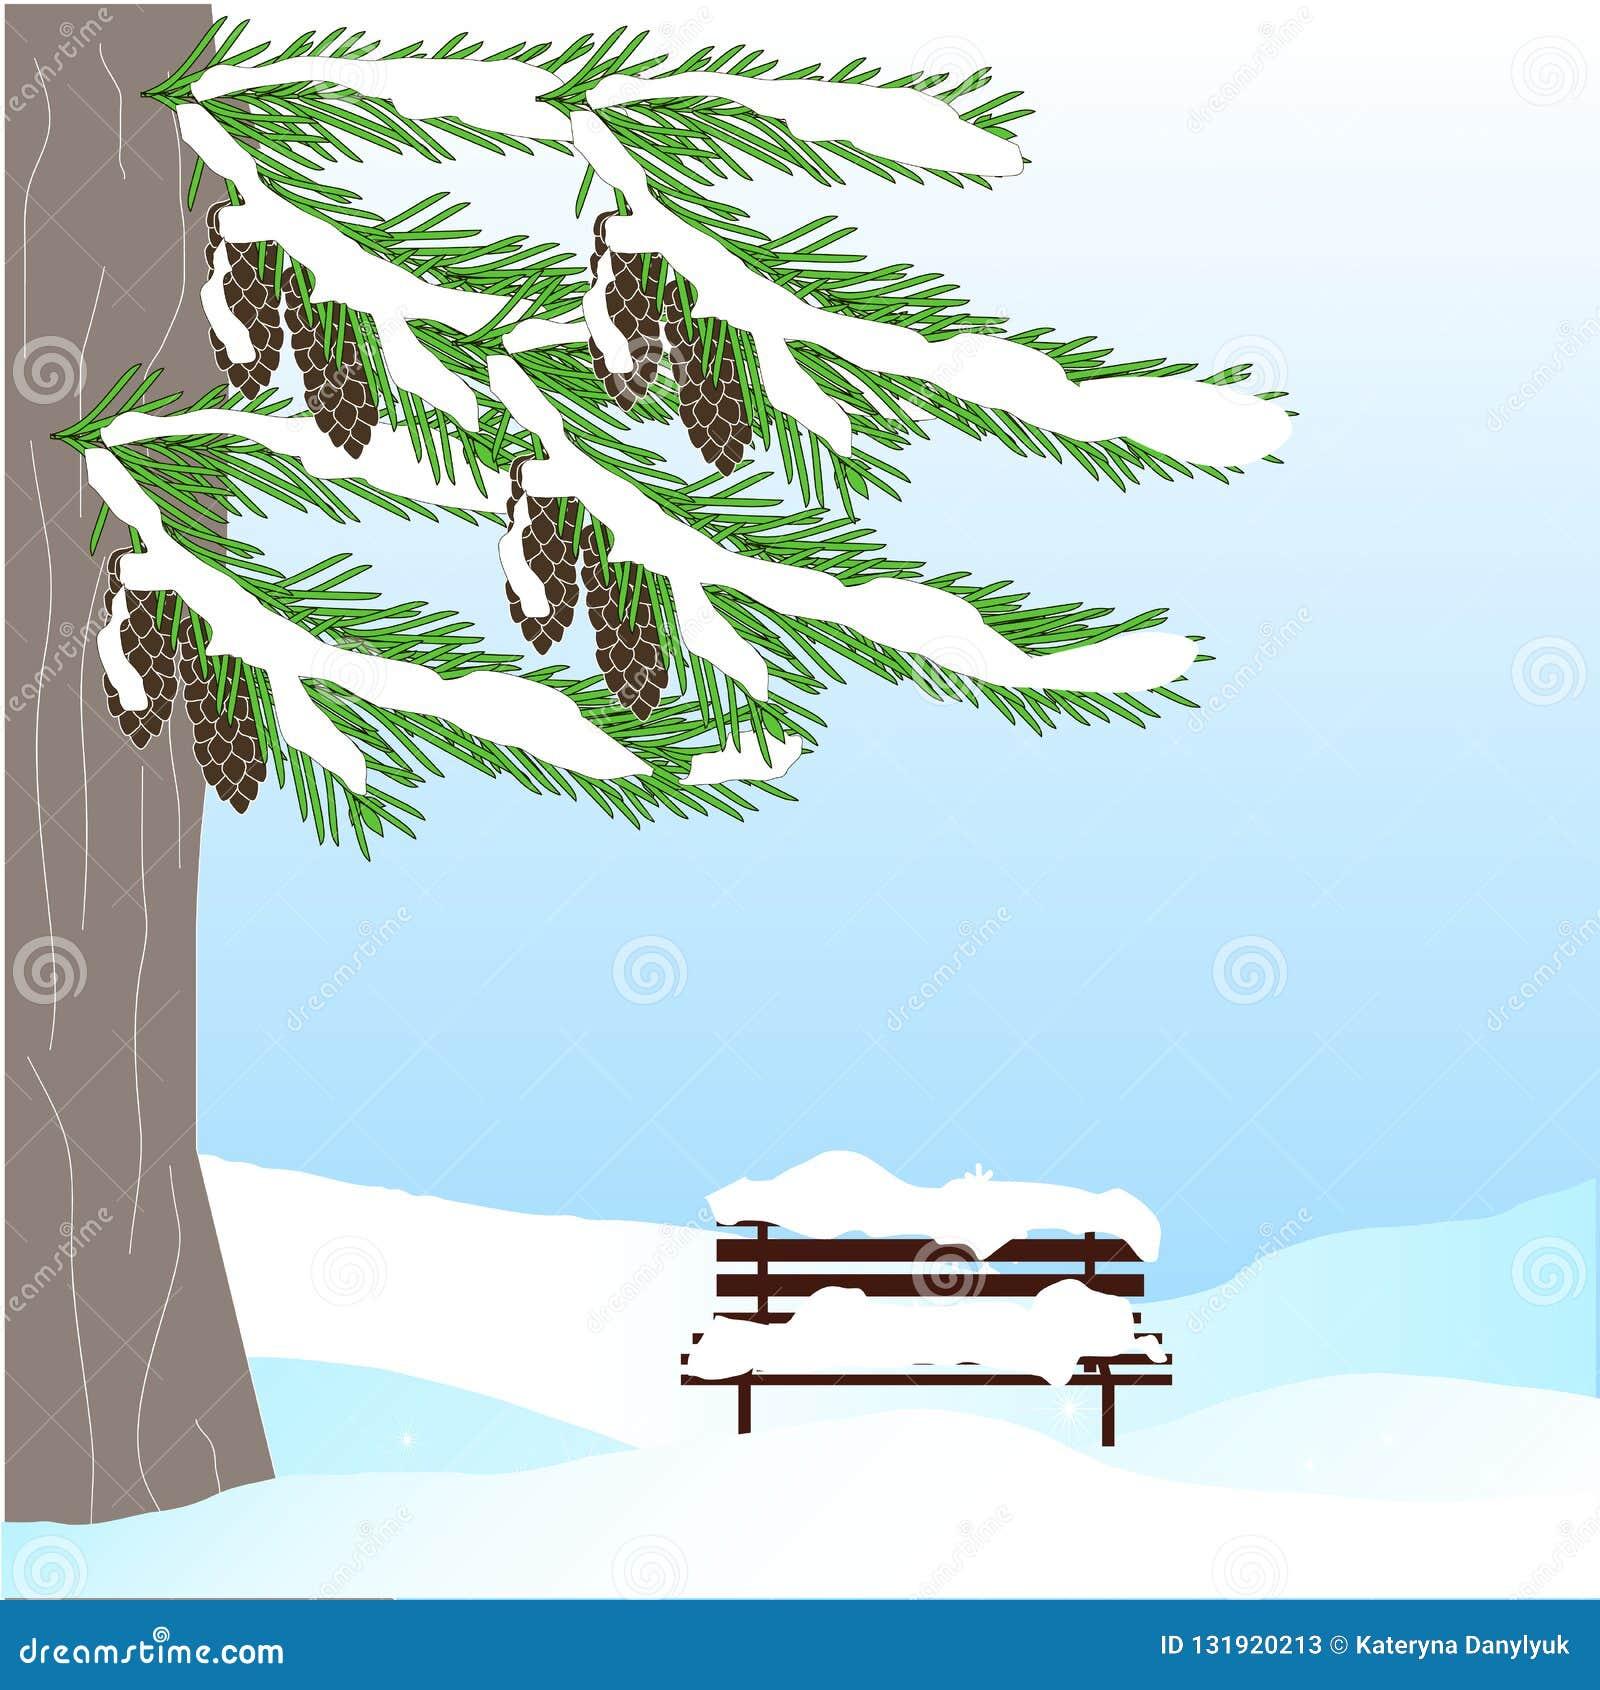 Fondo romántico del invierno con el árbol de abeto verde, cono marrón, banco, en la nieve blanca en el cielo azul